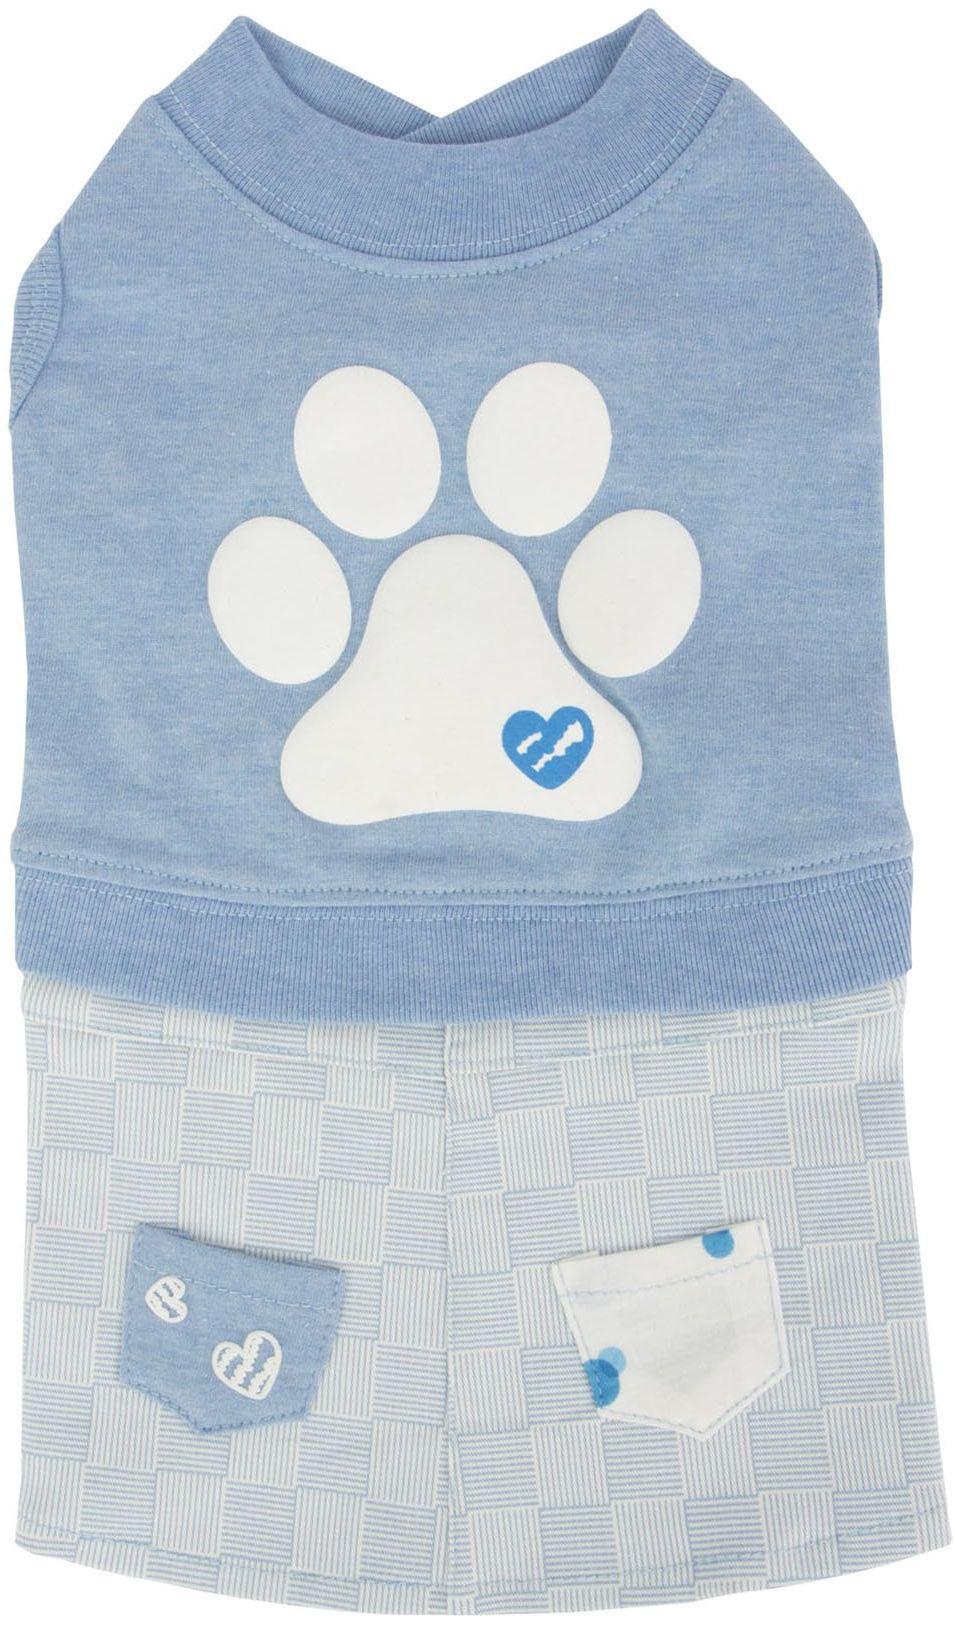 Pinkaholic New York NARA-OP7310-MB-M Ml.Blue Pawsh sukienki dla zwierząt domowych, średnio